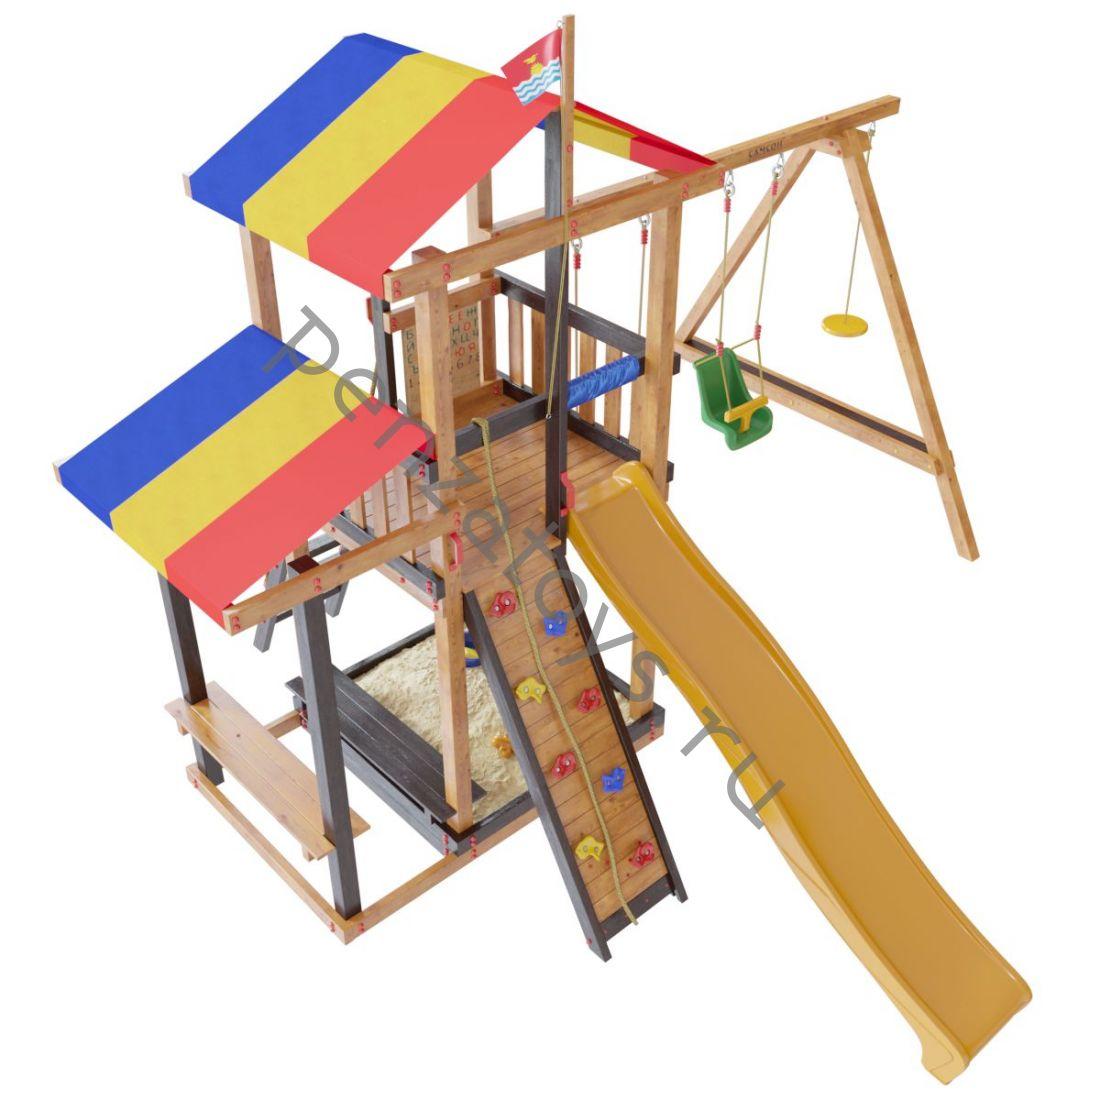 Игровая детская площадка Кирибати Самсон